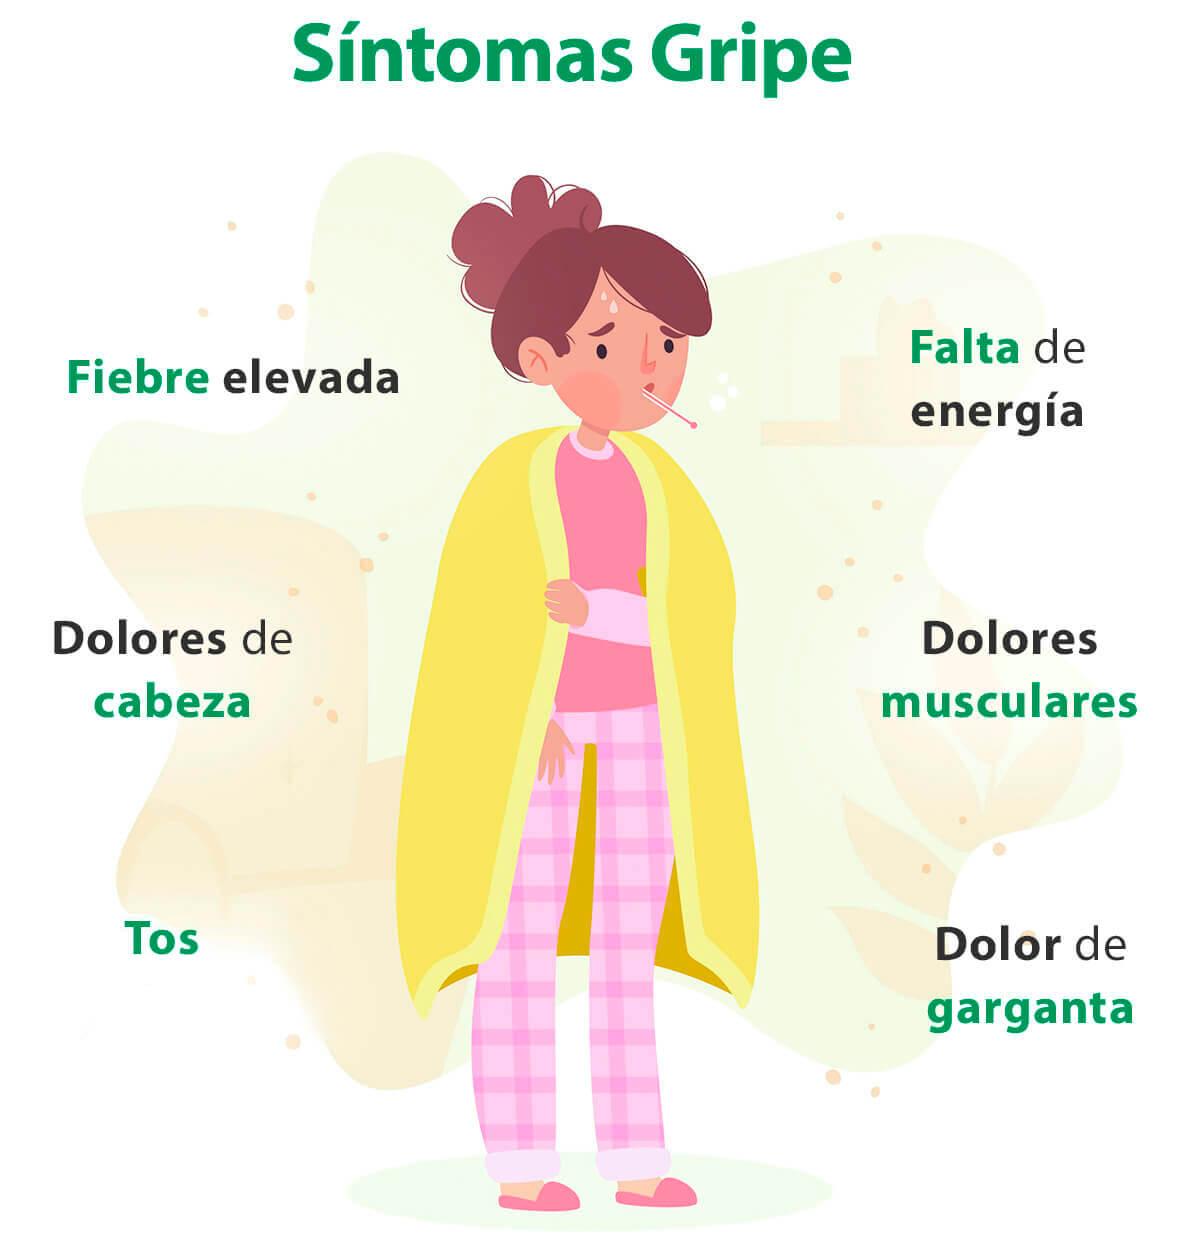 Sintomatología de la gripe - HeelEspaña